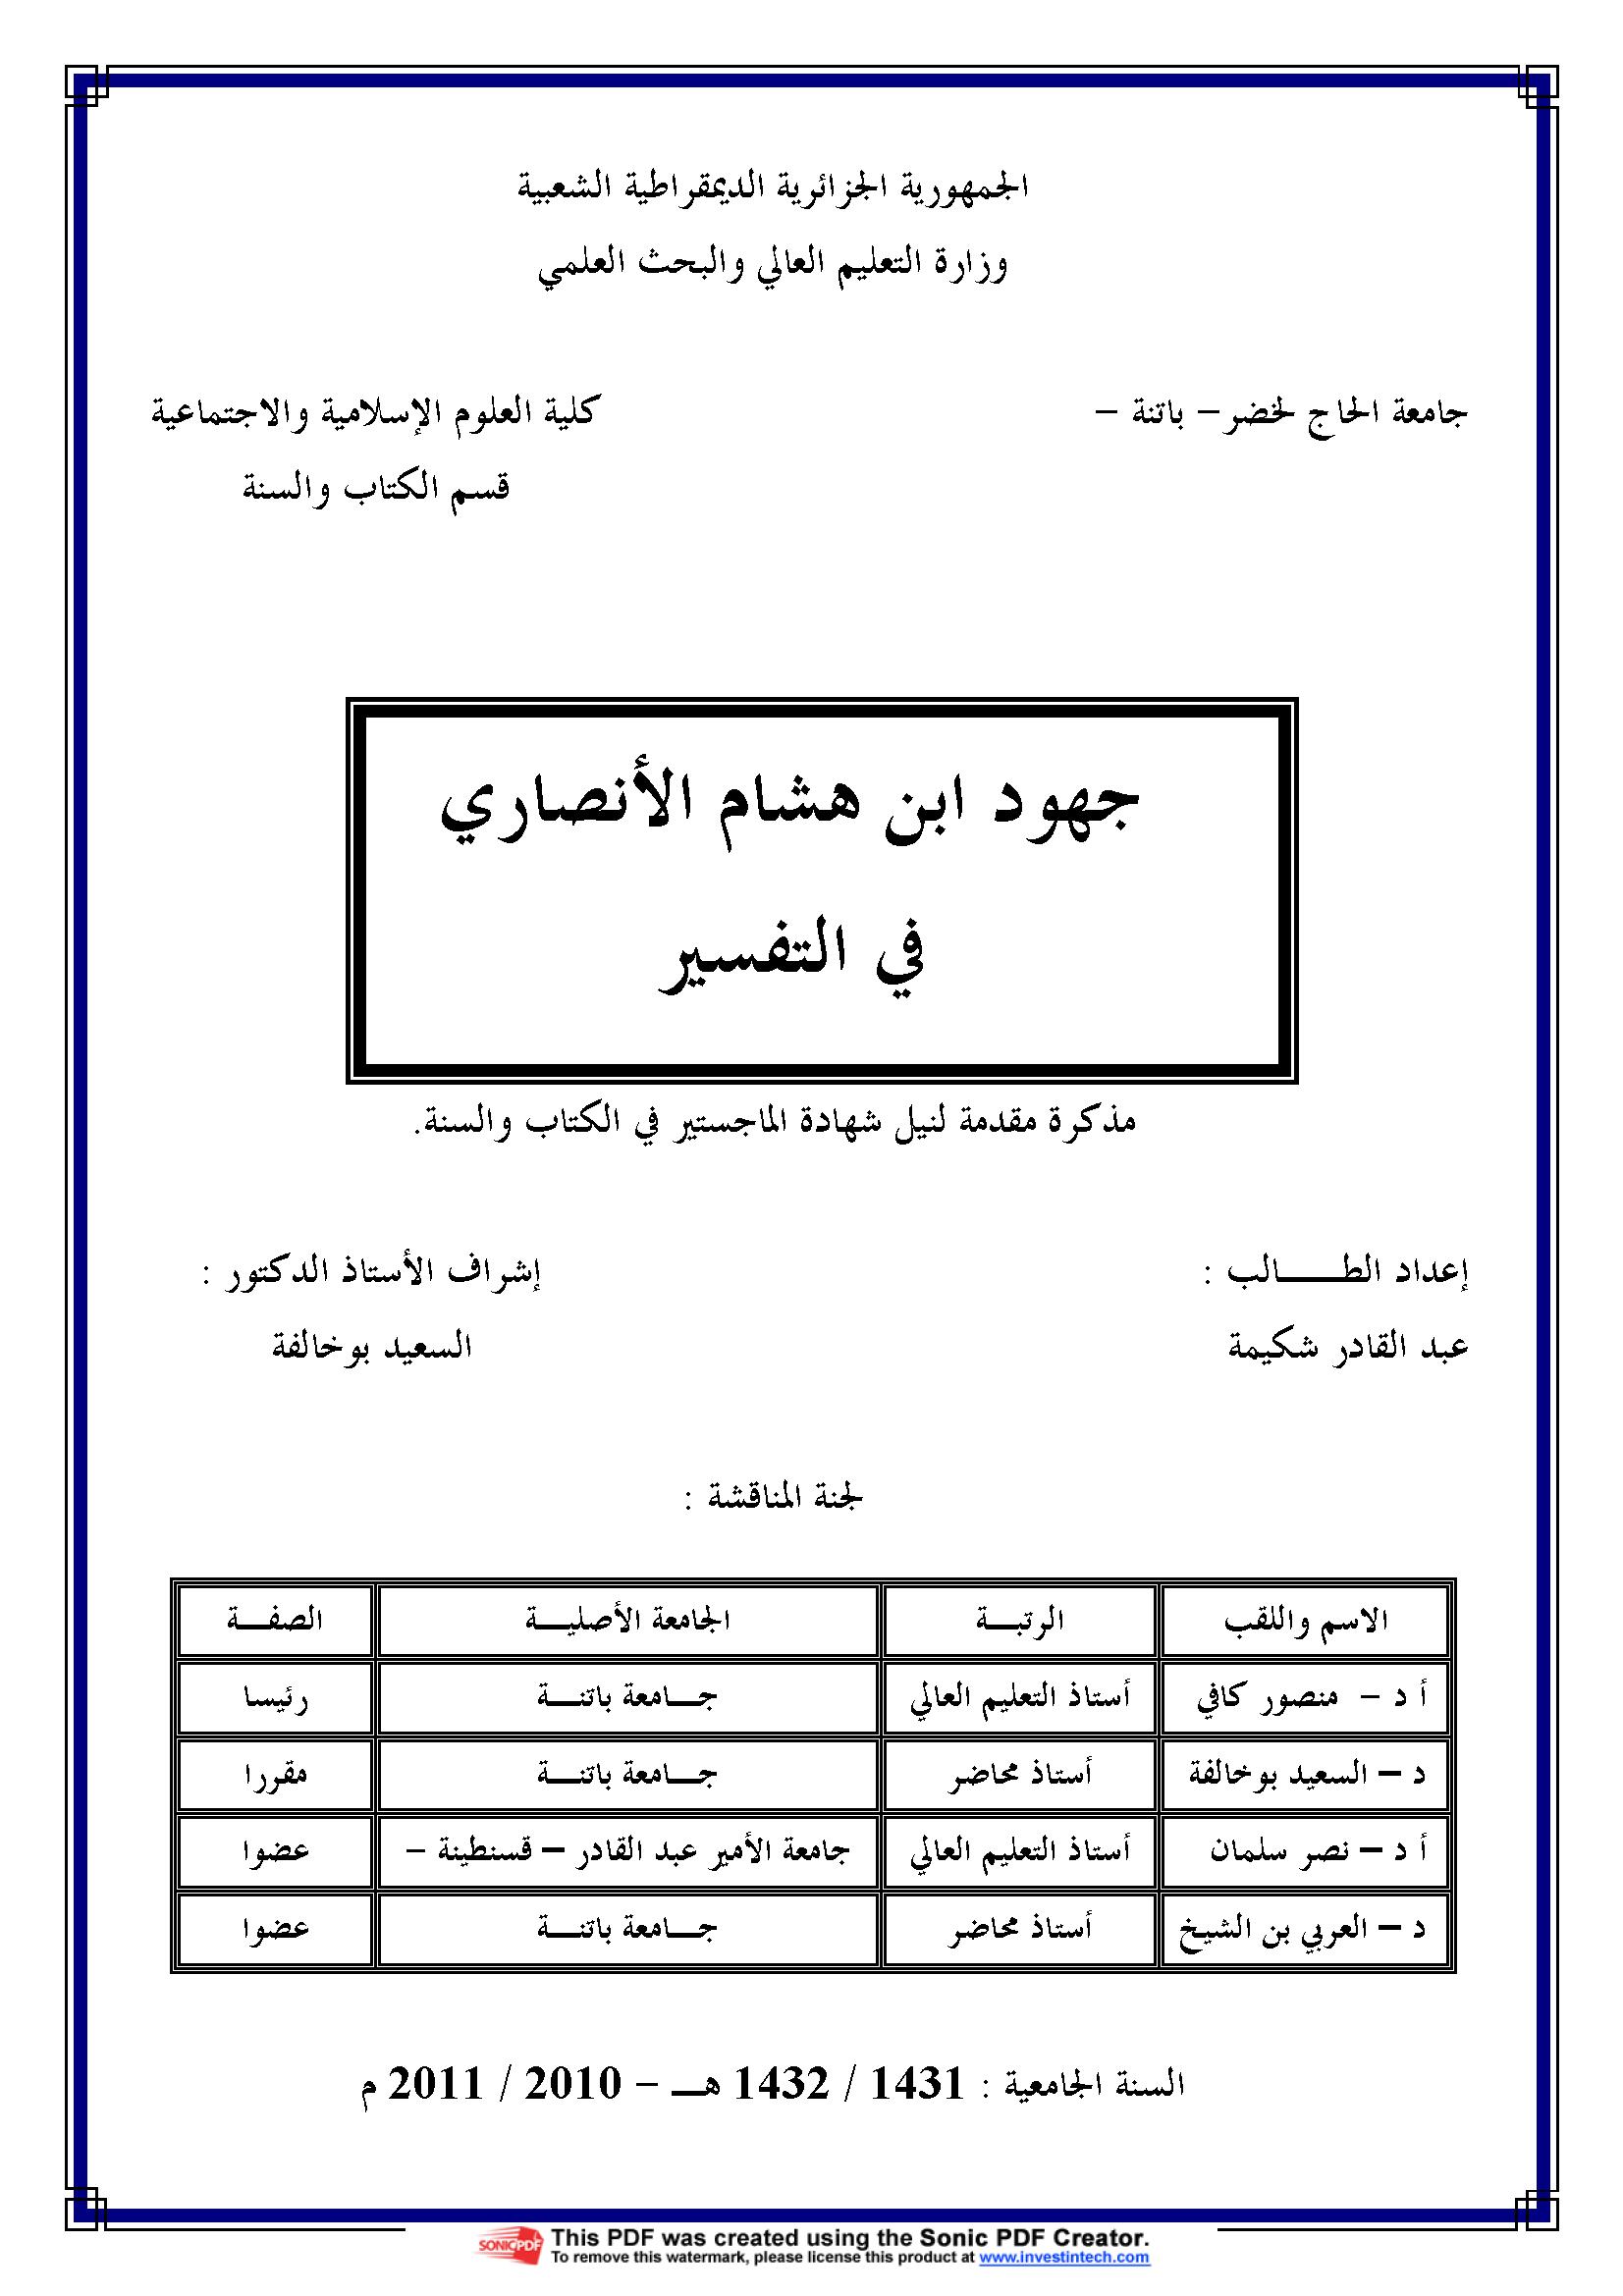 جهود ابن هشام الأنصاري في التفسير - عبد القادر شكيمة